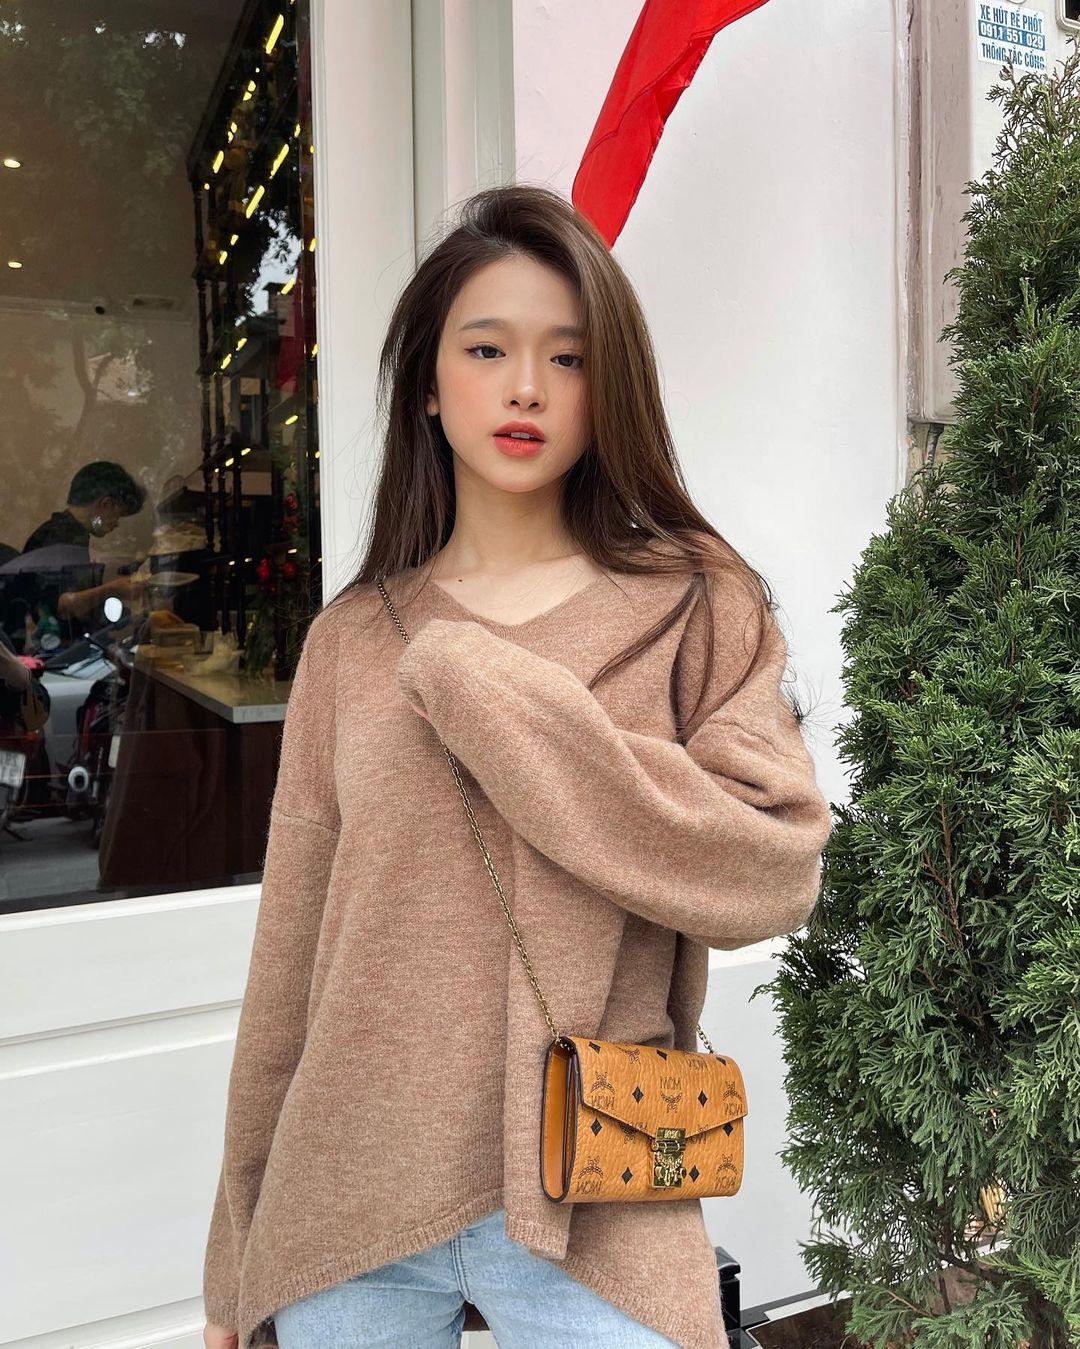 Nhiều fan cho biết thích hình ảnh trẻ trung, năng động của Linh Ka khi mặc kín đáo hơn.